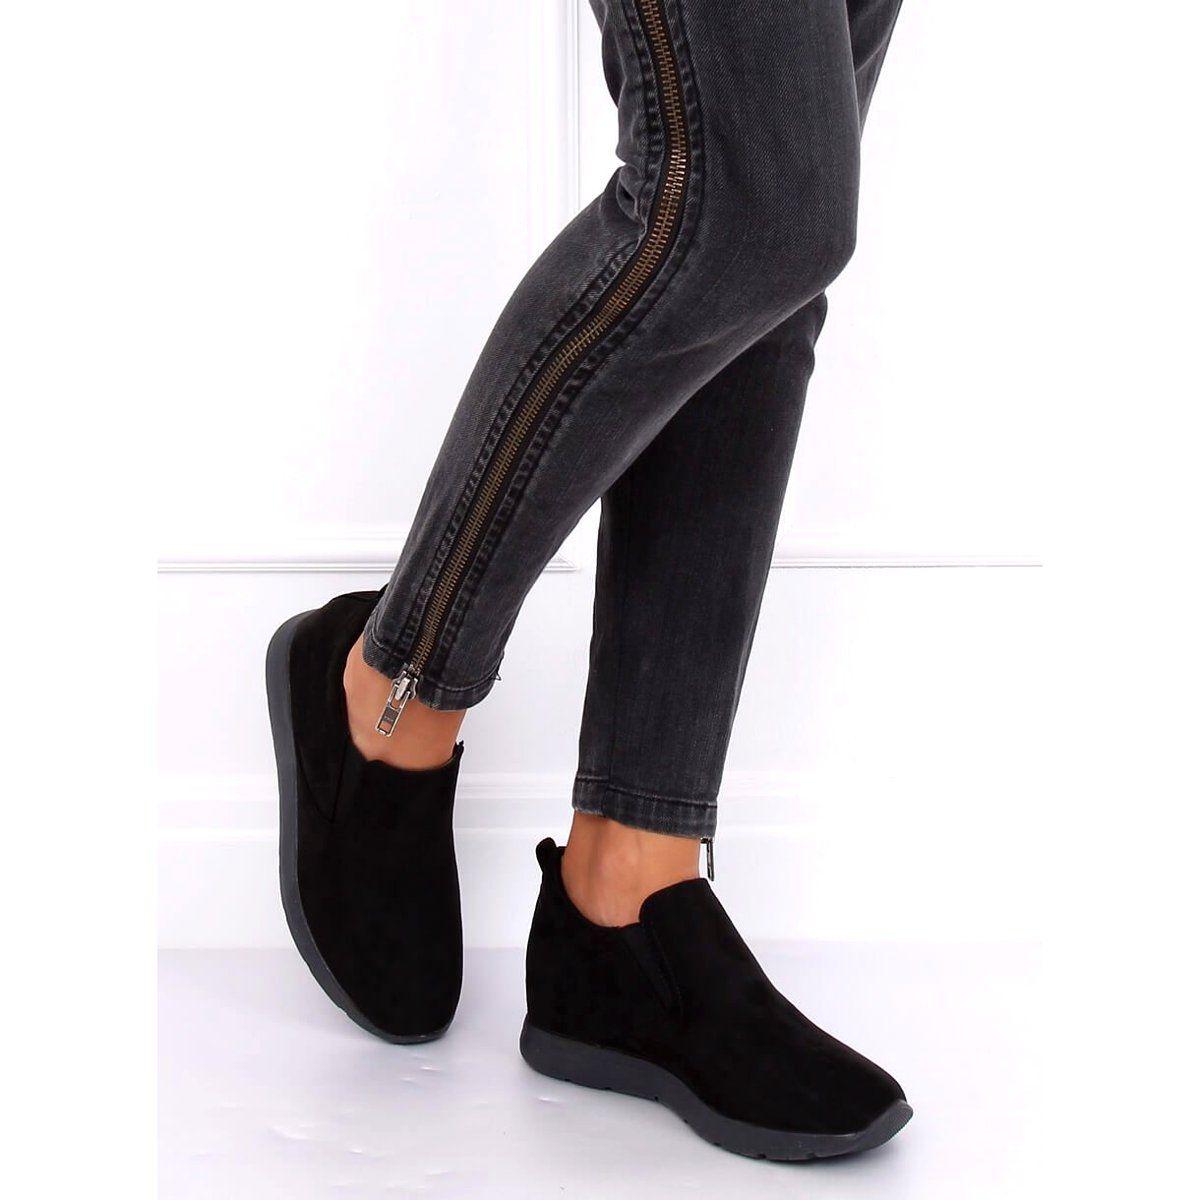 Polbuty Na Ukrytym Koturnie Czarne Zy 7k67 Black Fashion Black Jeans Black